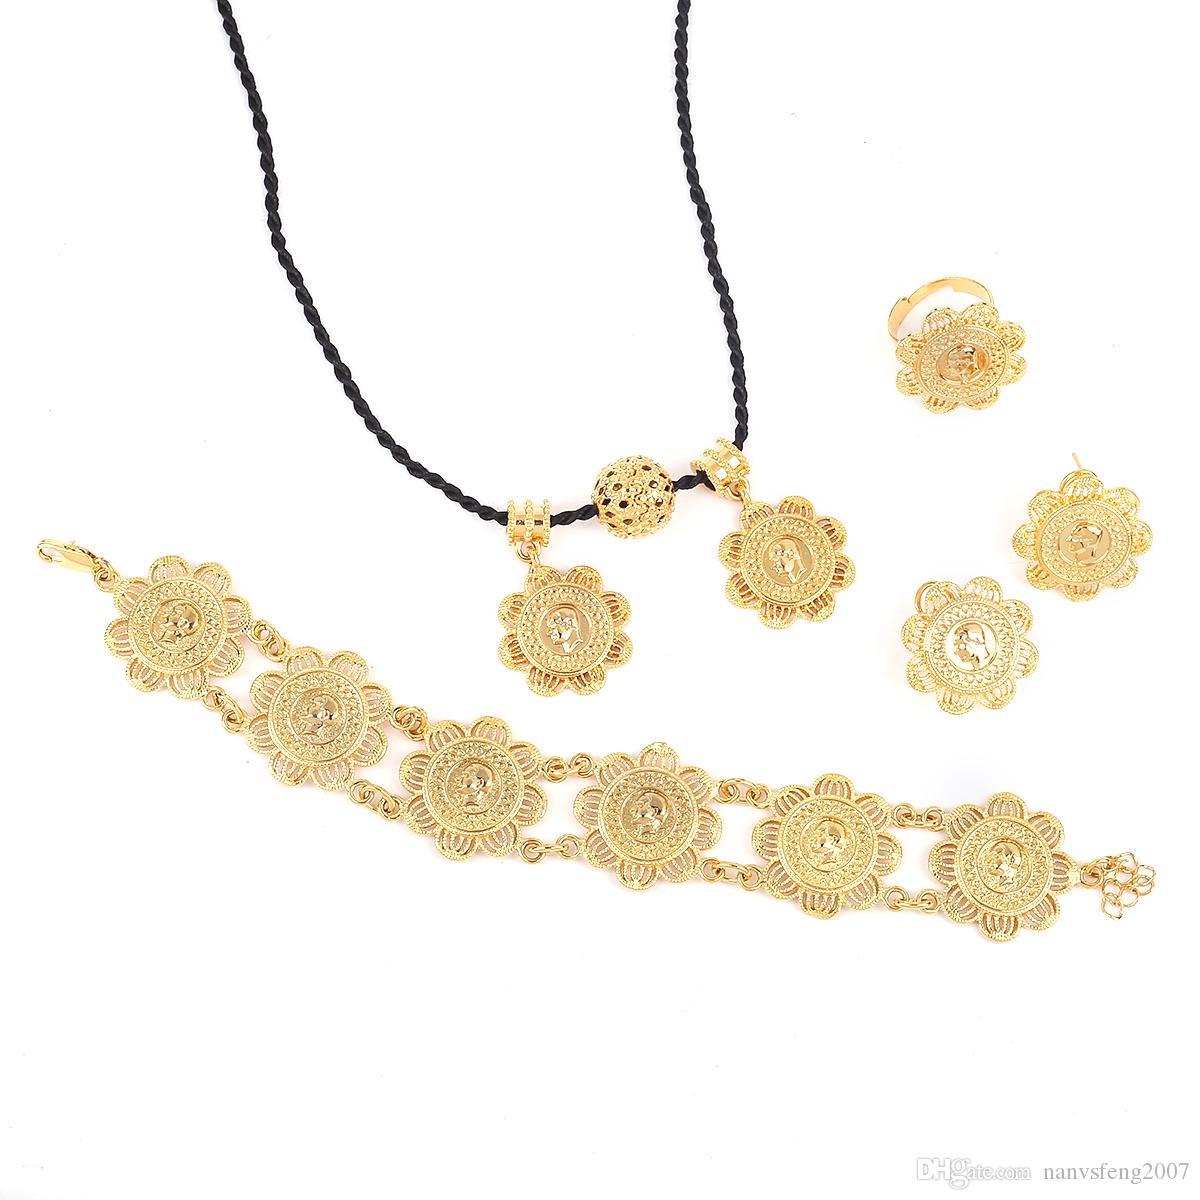 Conjuntos de joyas de monedas de color dorado de mujeres etíopes 22 K Conjuntos de joyas de etíope de color oro para fiesta y compromiso